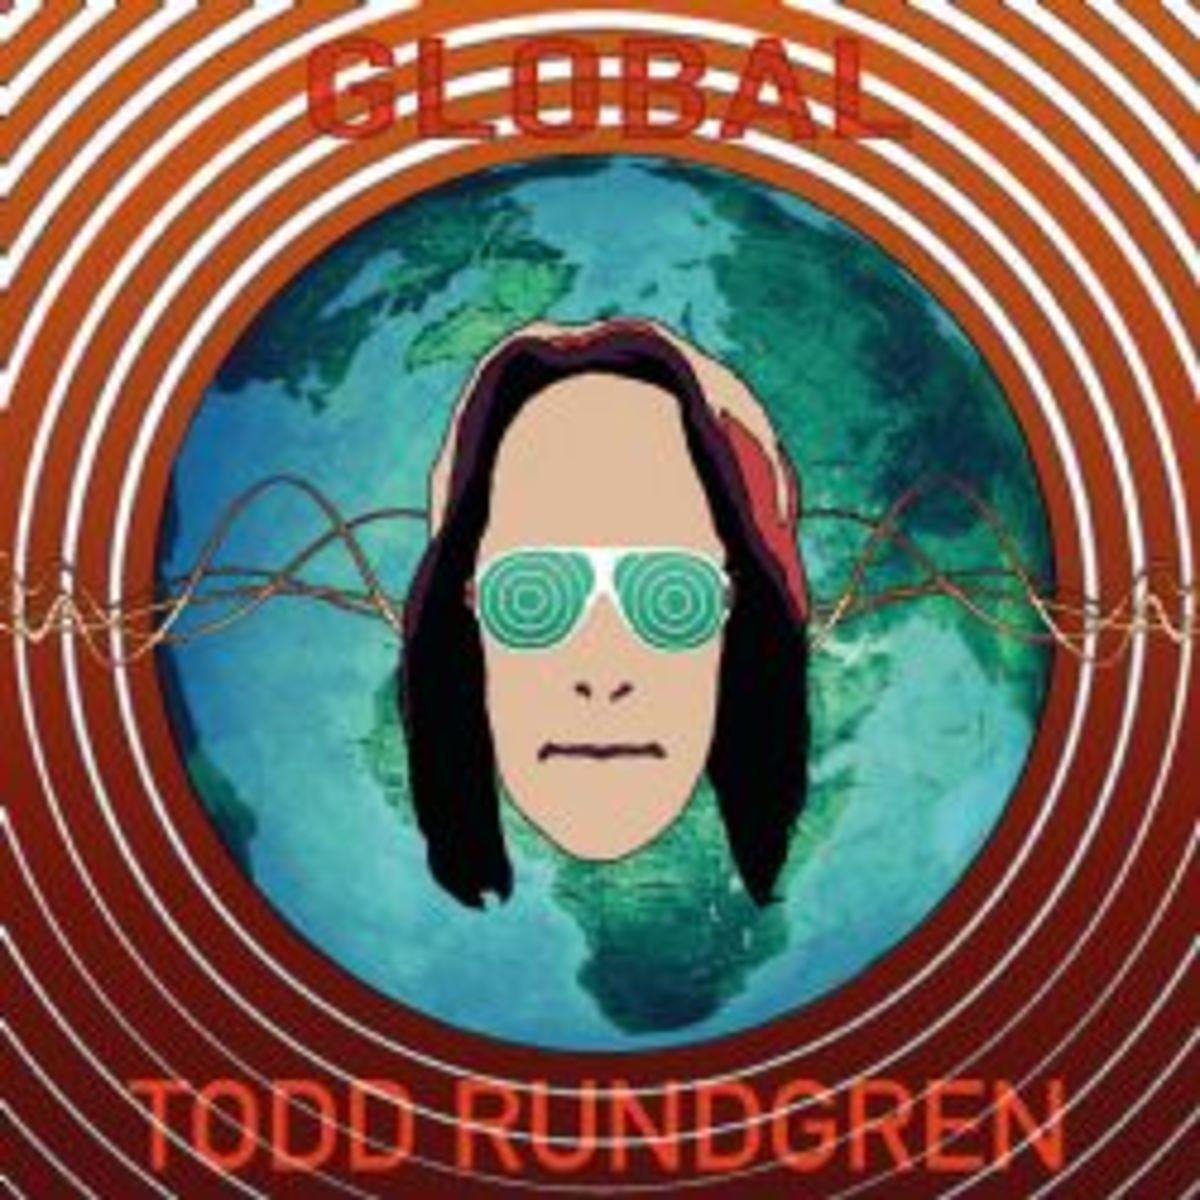 TODD RUNDGREN Global